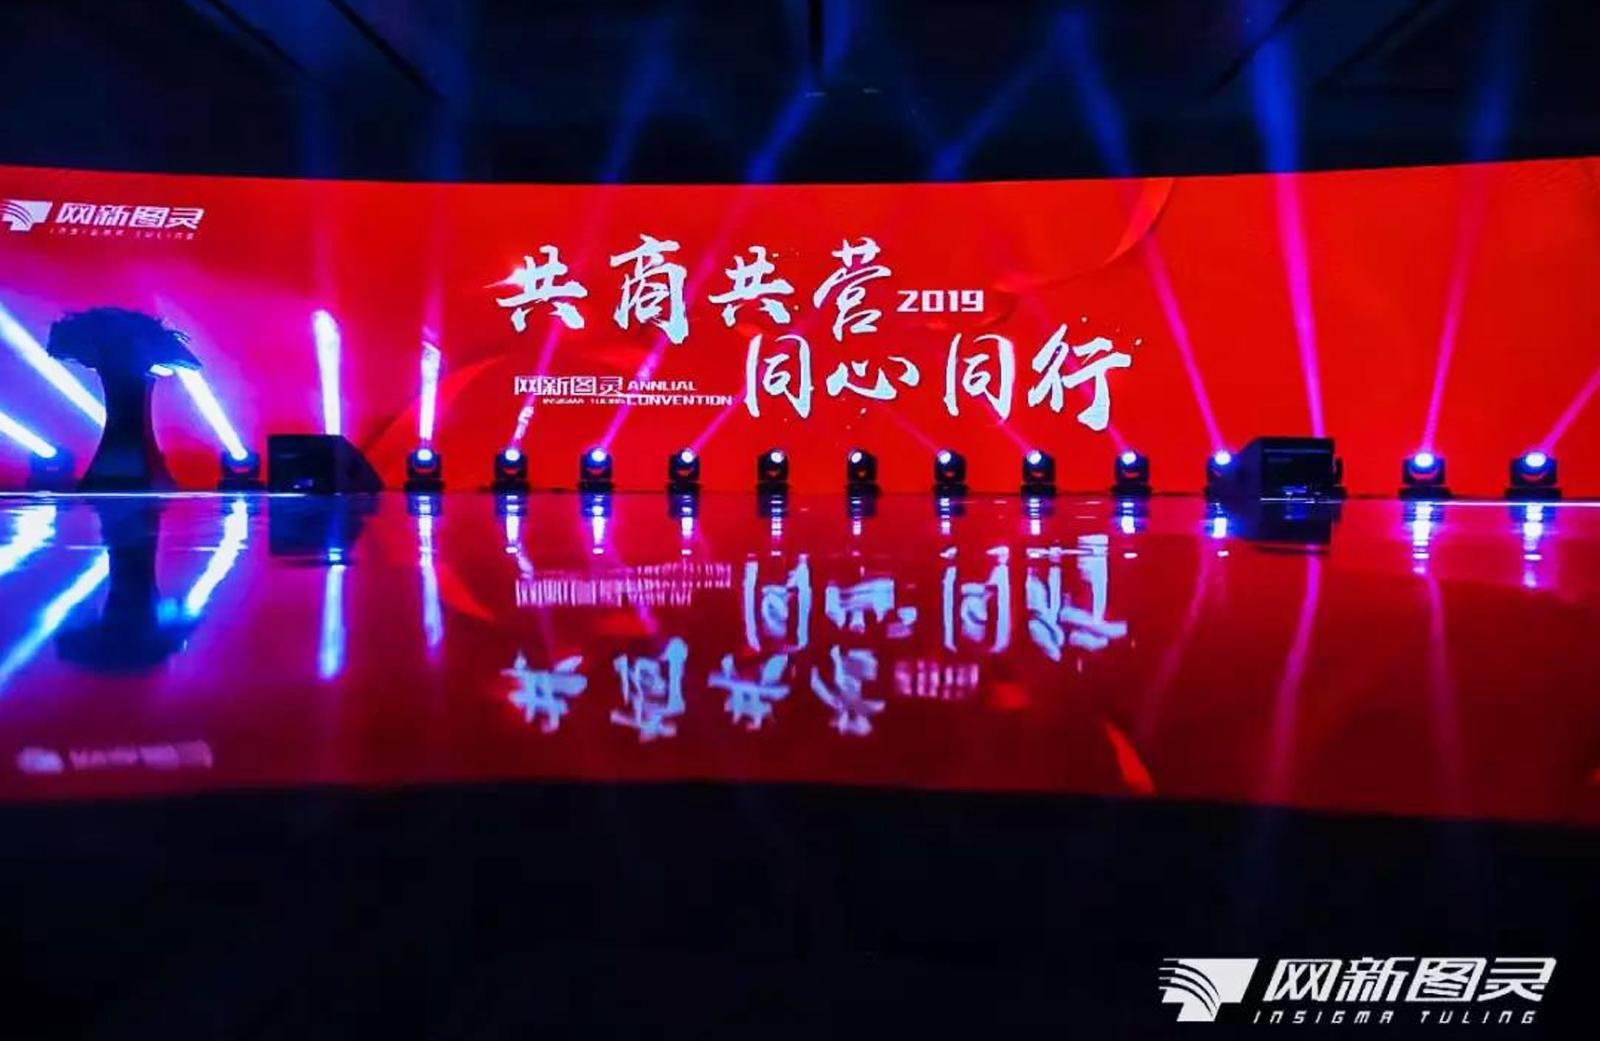 2018云集微店年会庆典活动